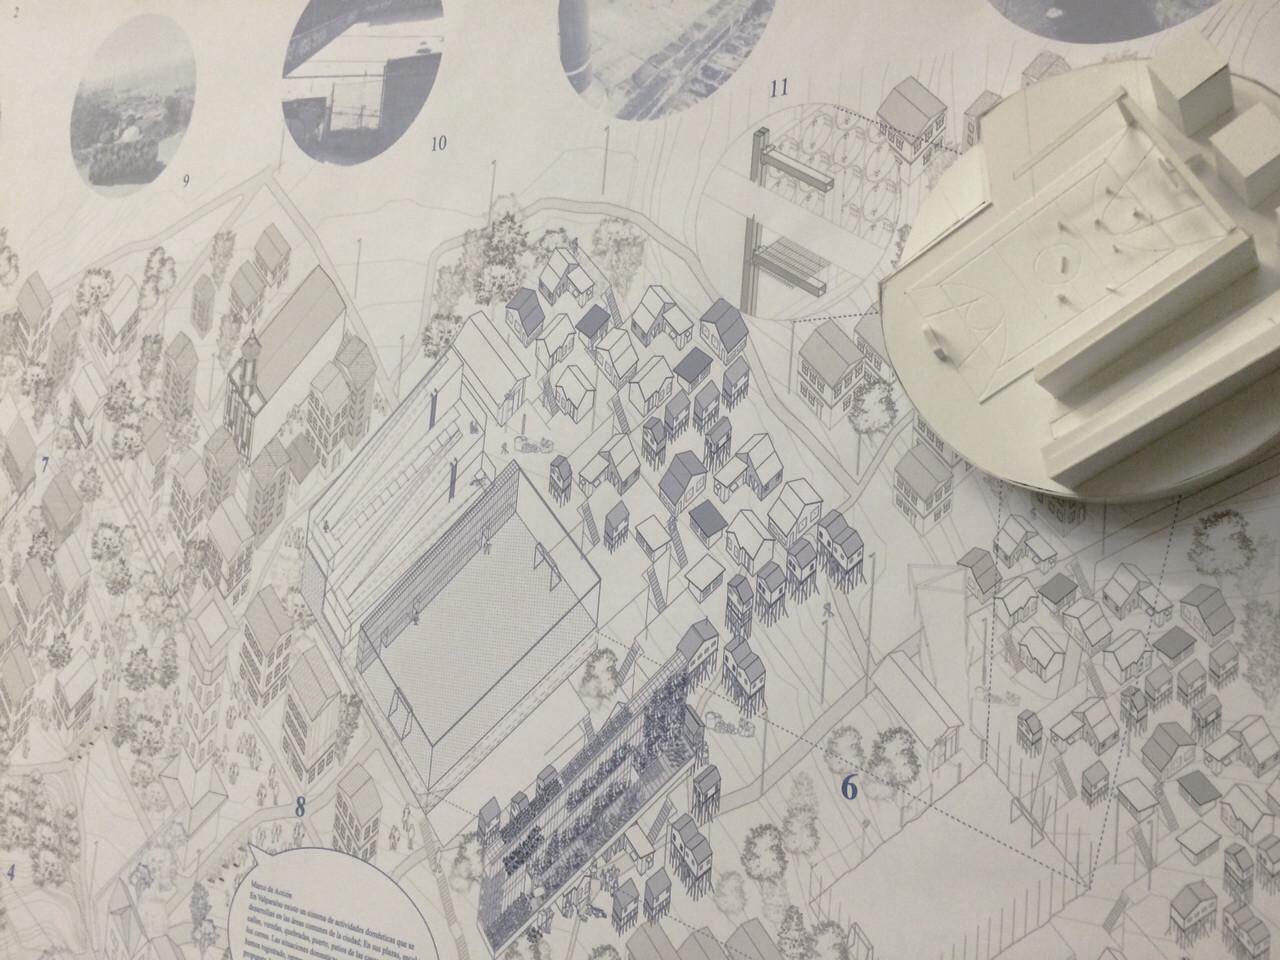 Premio Presentación USS: Lámina y maqueta. Image Cortesia de Equipo XIX Bienal